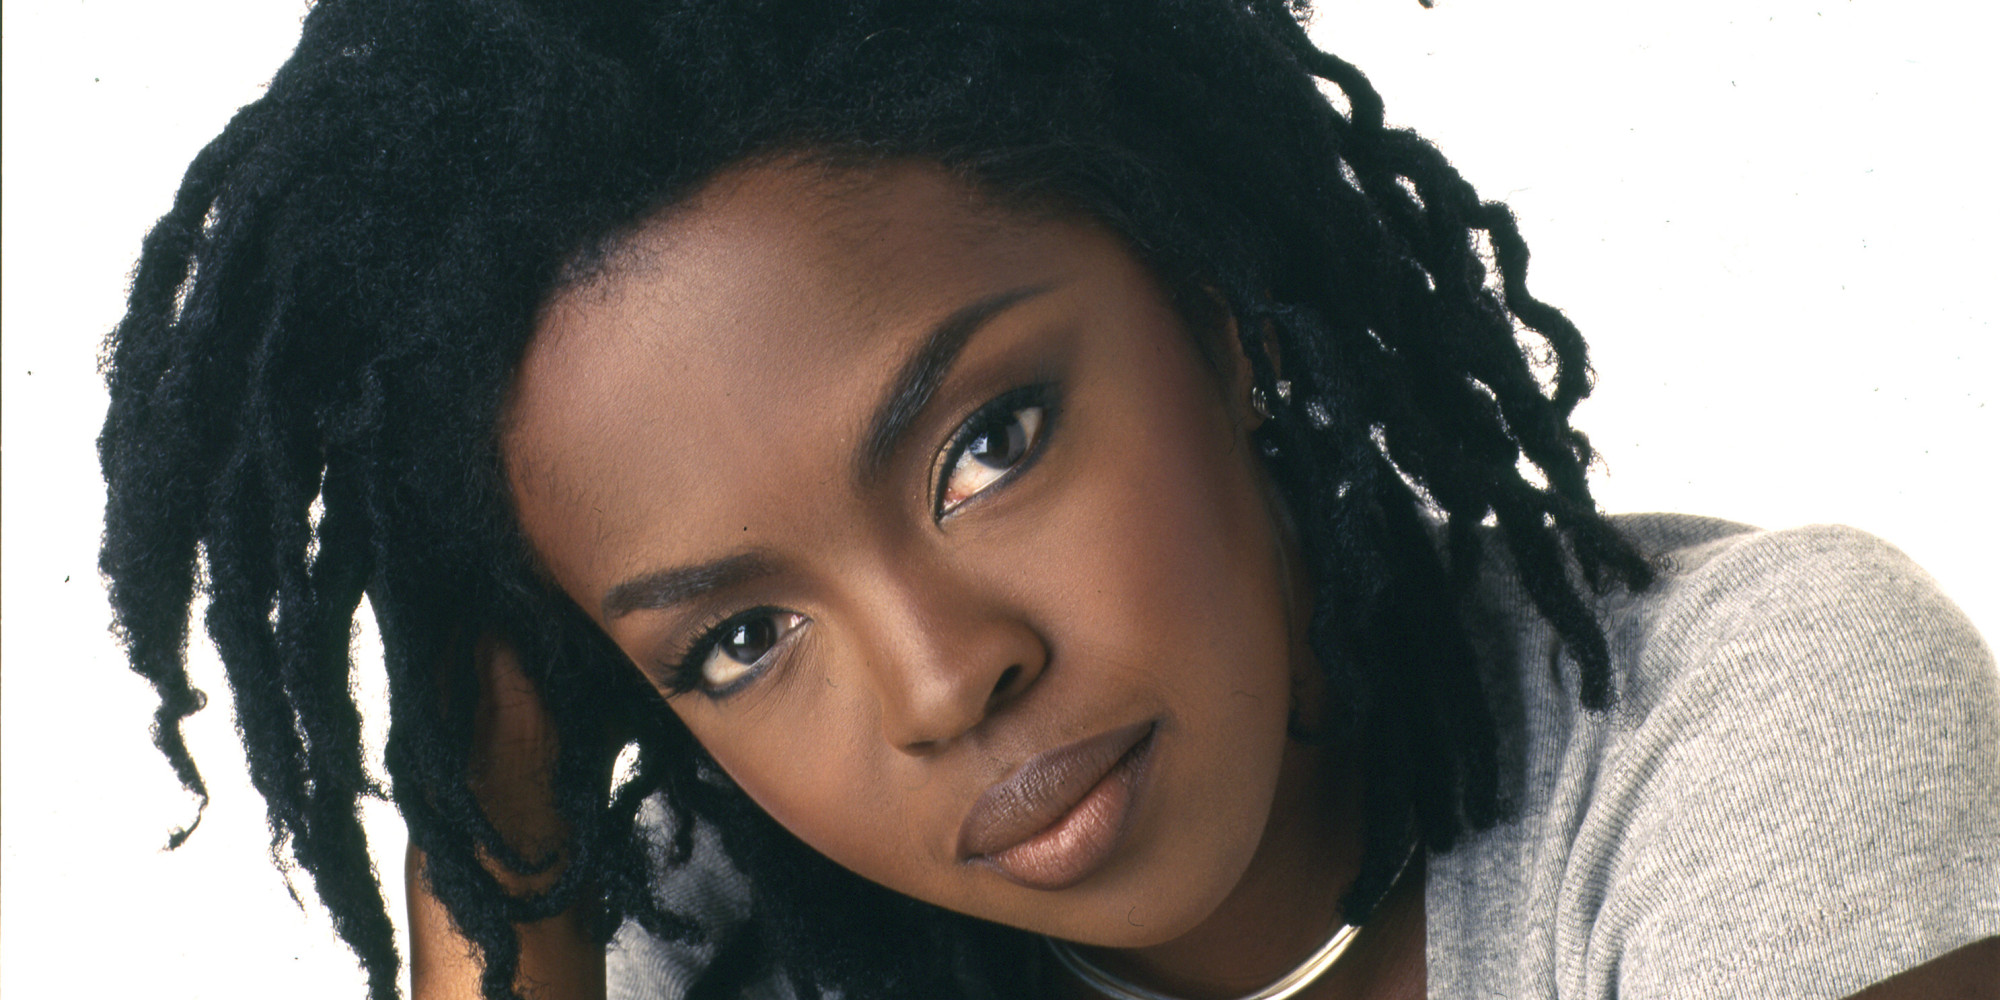 Pras habla sobre el por qué de la desaparición de Lauryn Hill en el 2000